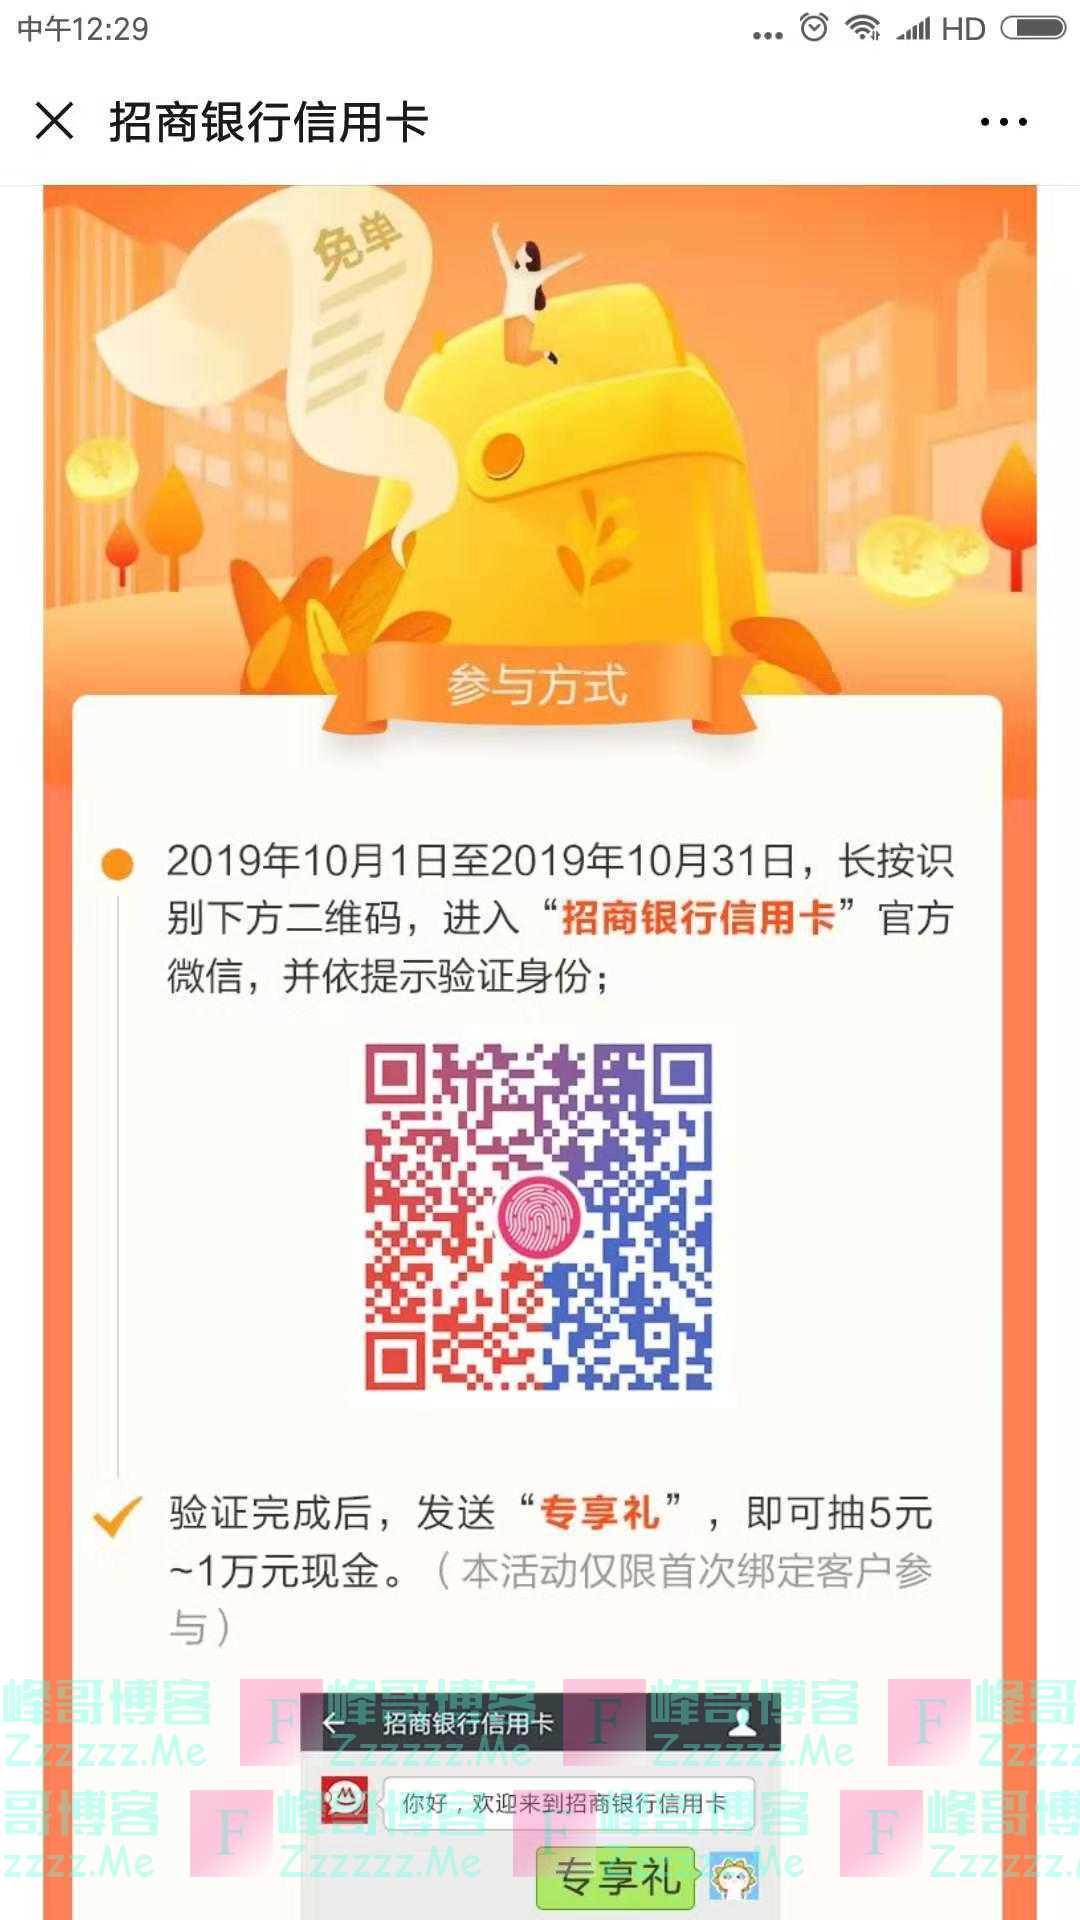 招行xing/用卡10月专享礼(截止10月31日)